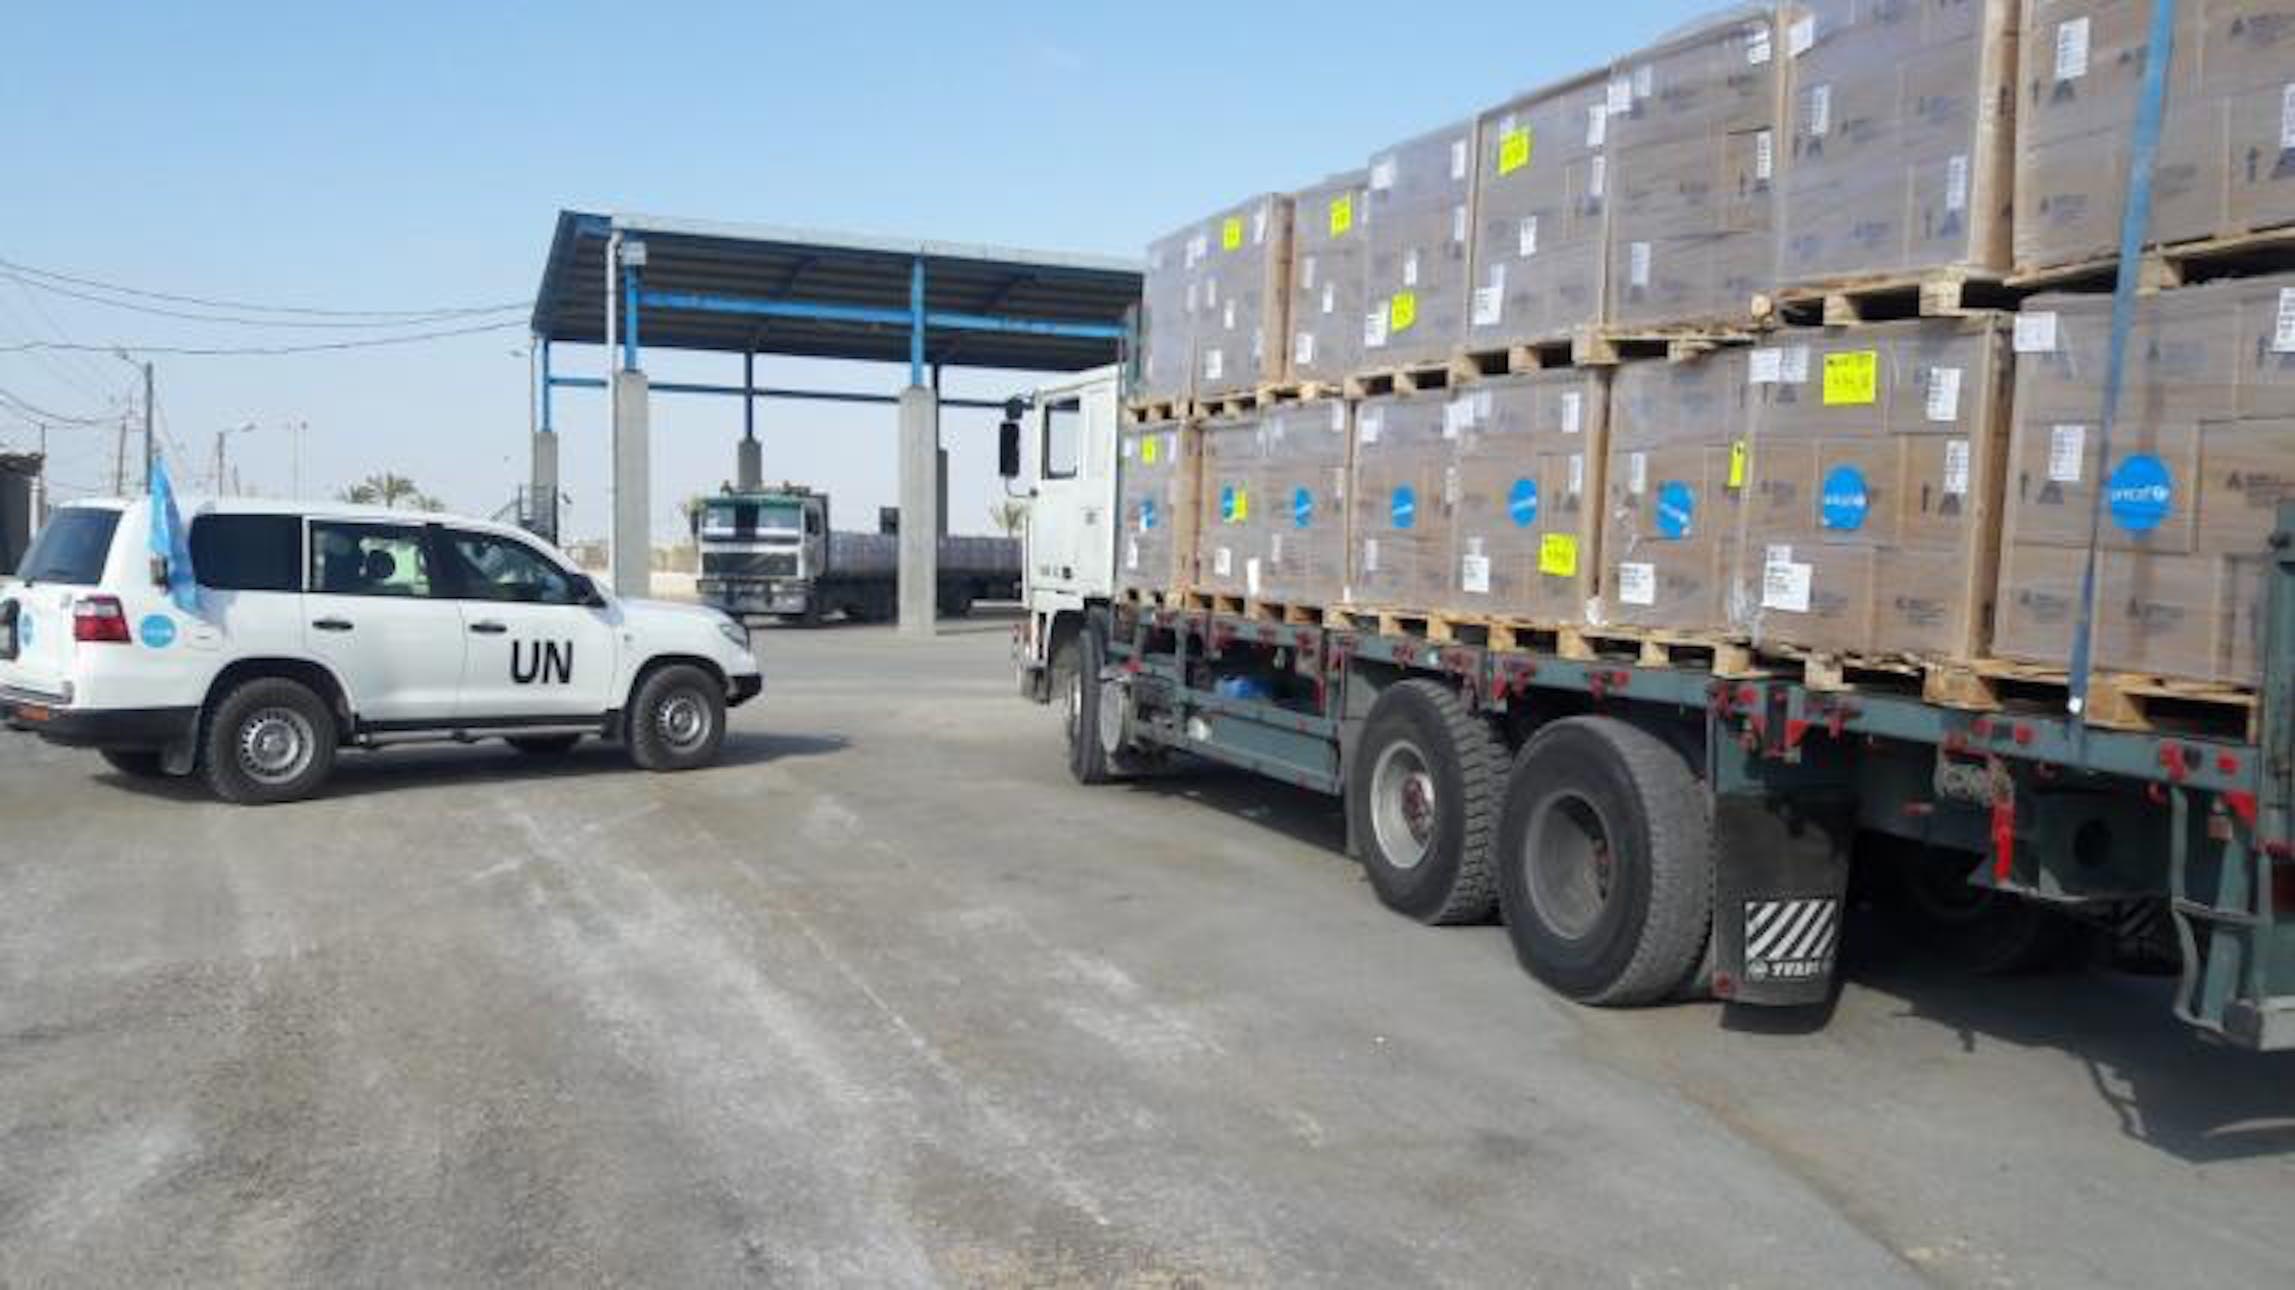 I due camion carichi di forniture sanitarie urgenti dell'UNICEF entrati ieri nella Striscia di Gaza - ©UNICEF Palestina/2018